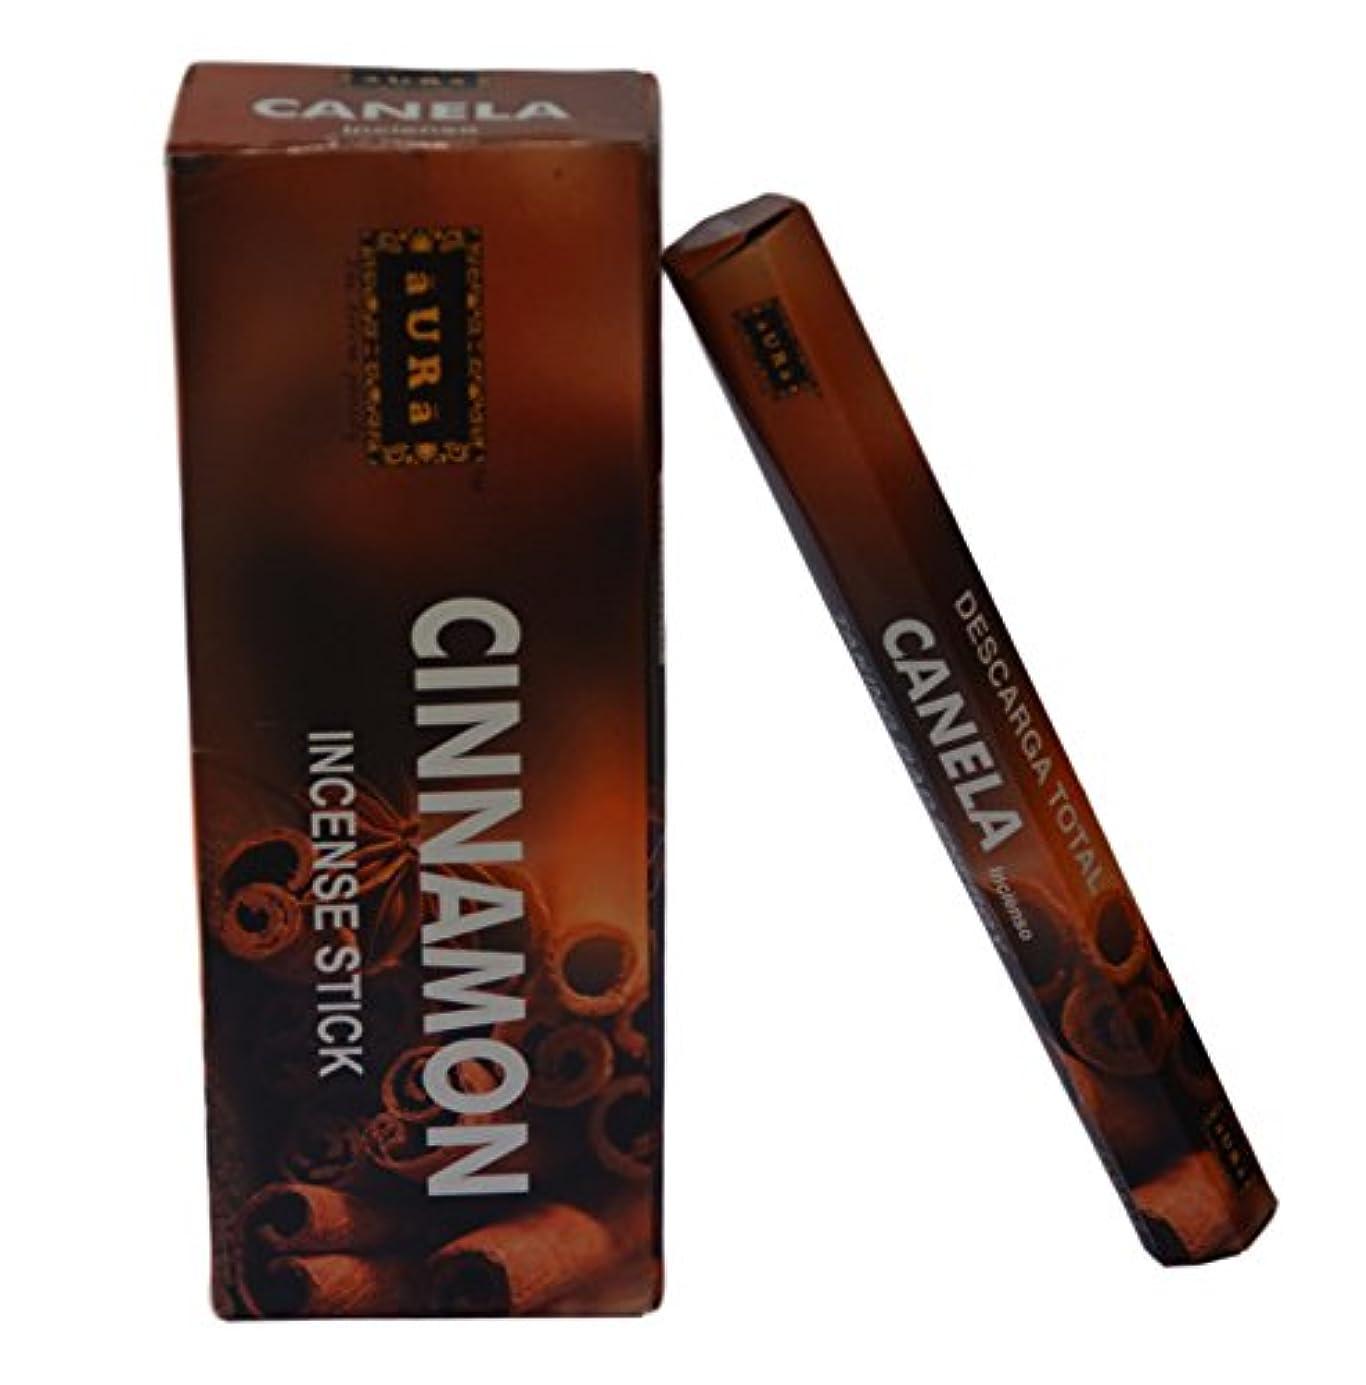 それにもかかわらず単独で揺れるオーラCinnamon Scented Incense Sticks、プレミアム天然Incense Sticks、六角packing- 120 Sticks